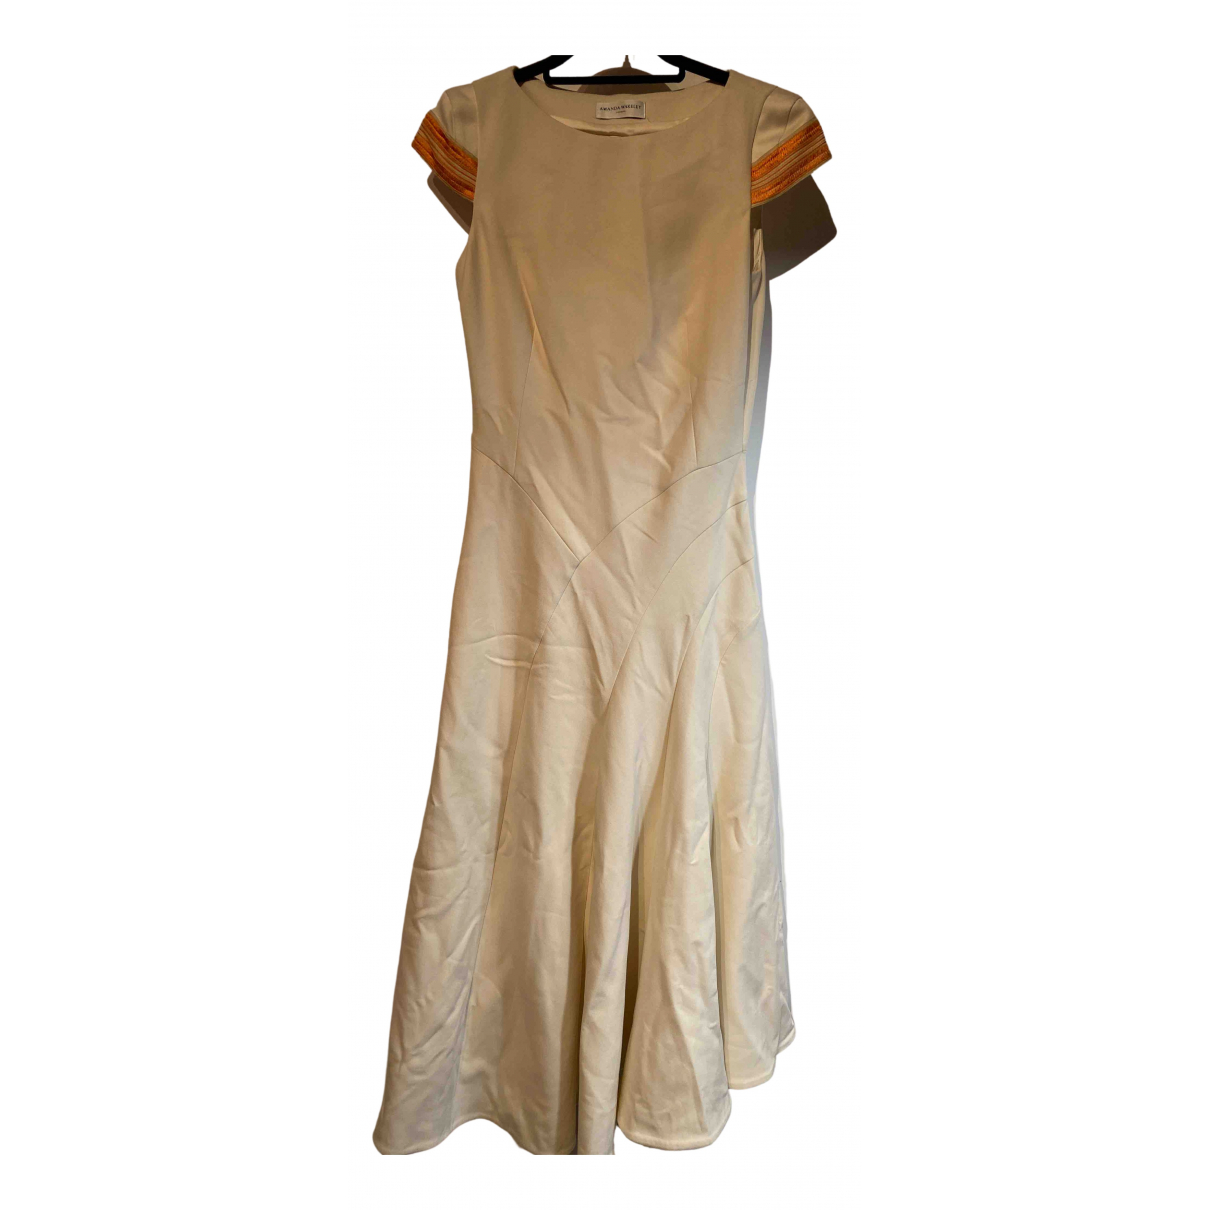 Amanda Wakeley \N Kleid in  Beige Polyester